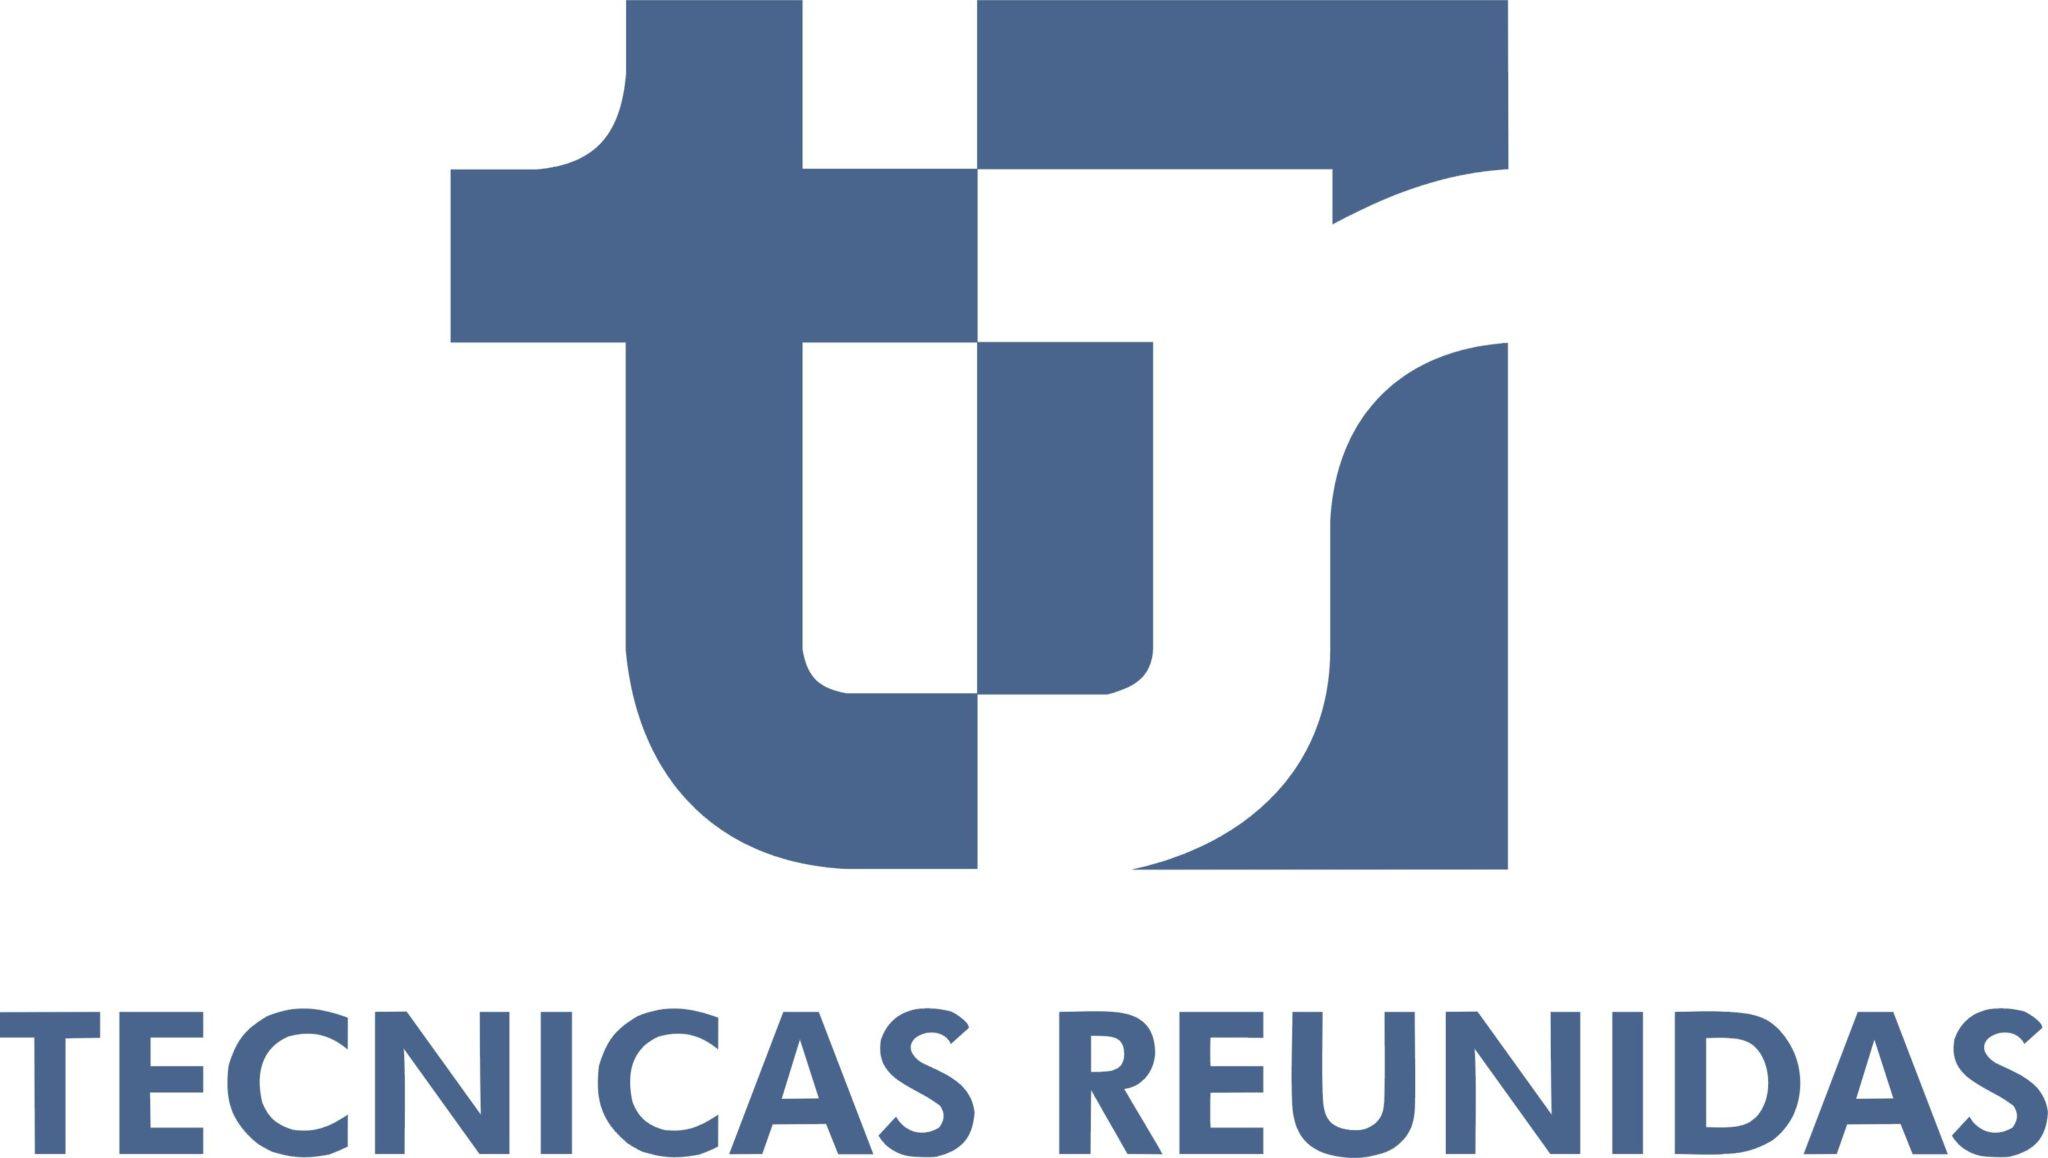 Tecnicas Reunidas, S.A.